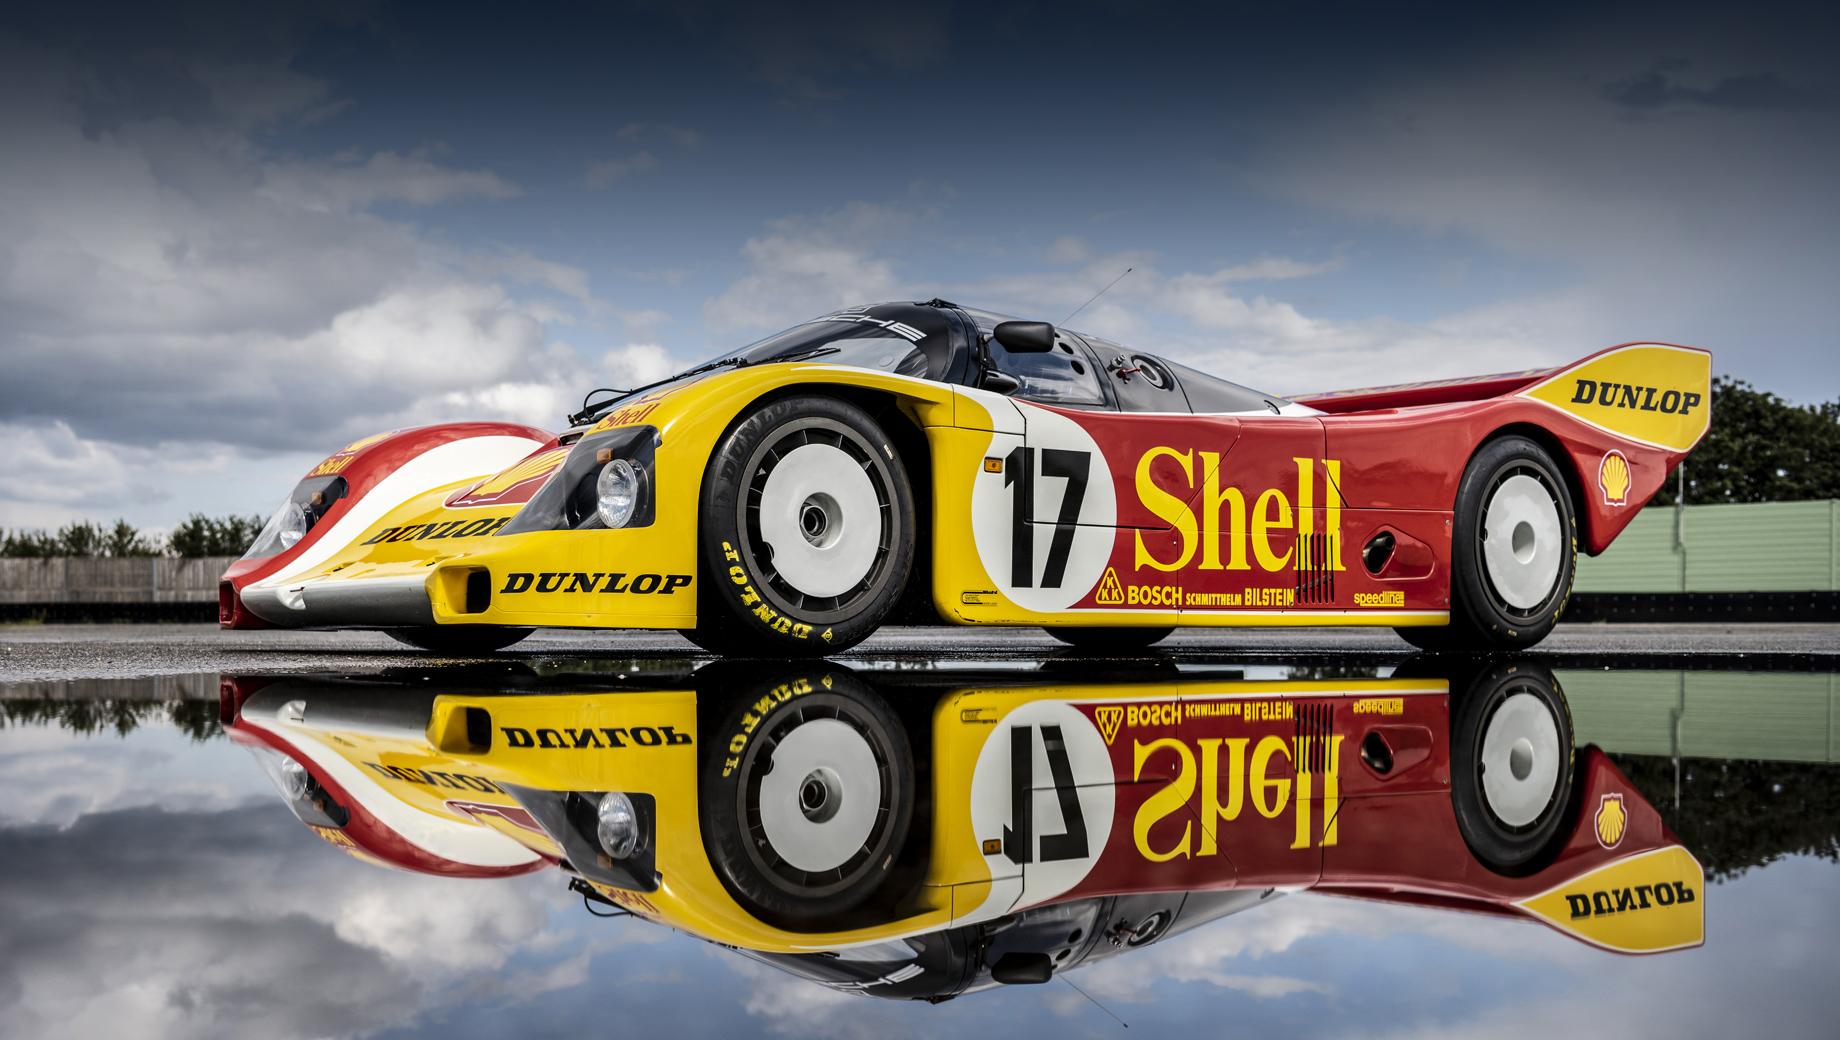 Porsche 962 c. Помимо чемпионата Supercup на 962 C был выигран марафон «24 часа Ле-Мана 1987». Модель являлась особой вариацией спортпрототипа Porsche 962, тоже известного по победам в Ле-Мане и некоторых других гонках. У 962 C отличались база (+120 мм) и силовой агрегат.